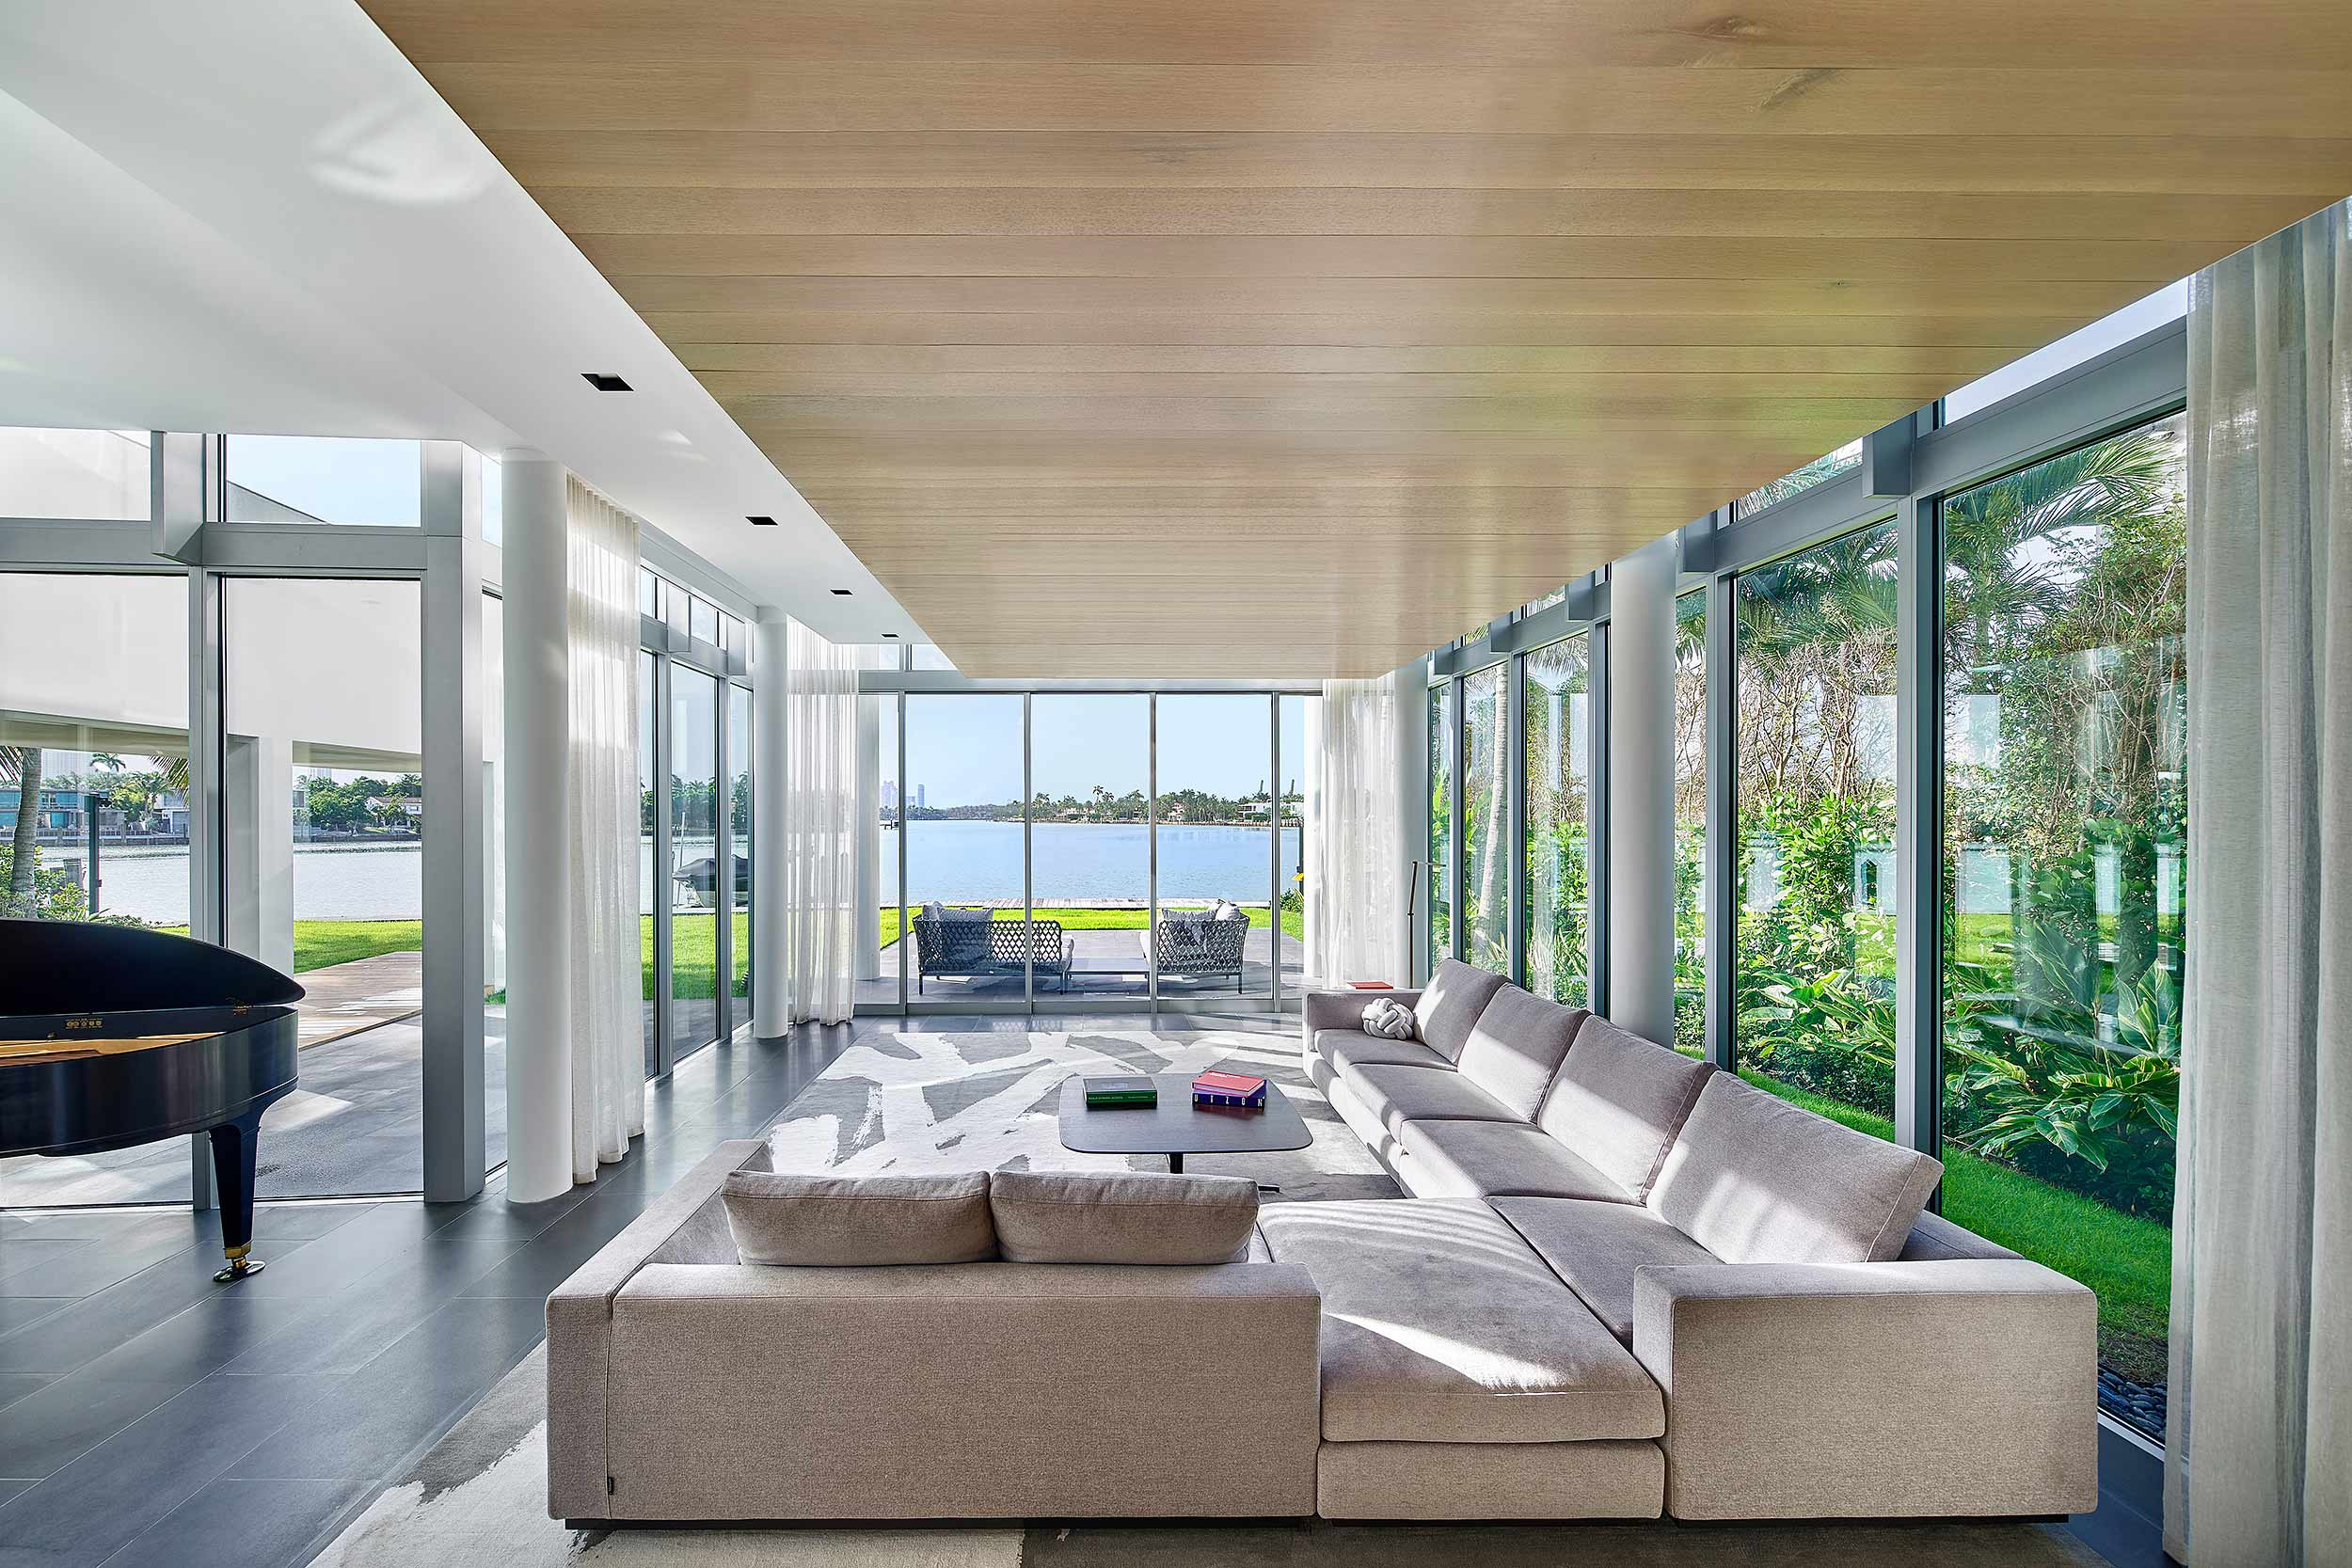 Private Residence Bohlin Cywinski Jackson Miami Beach, FL